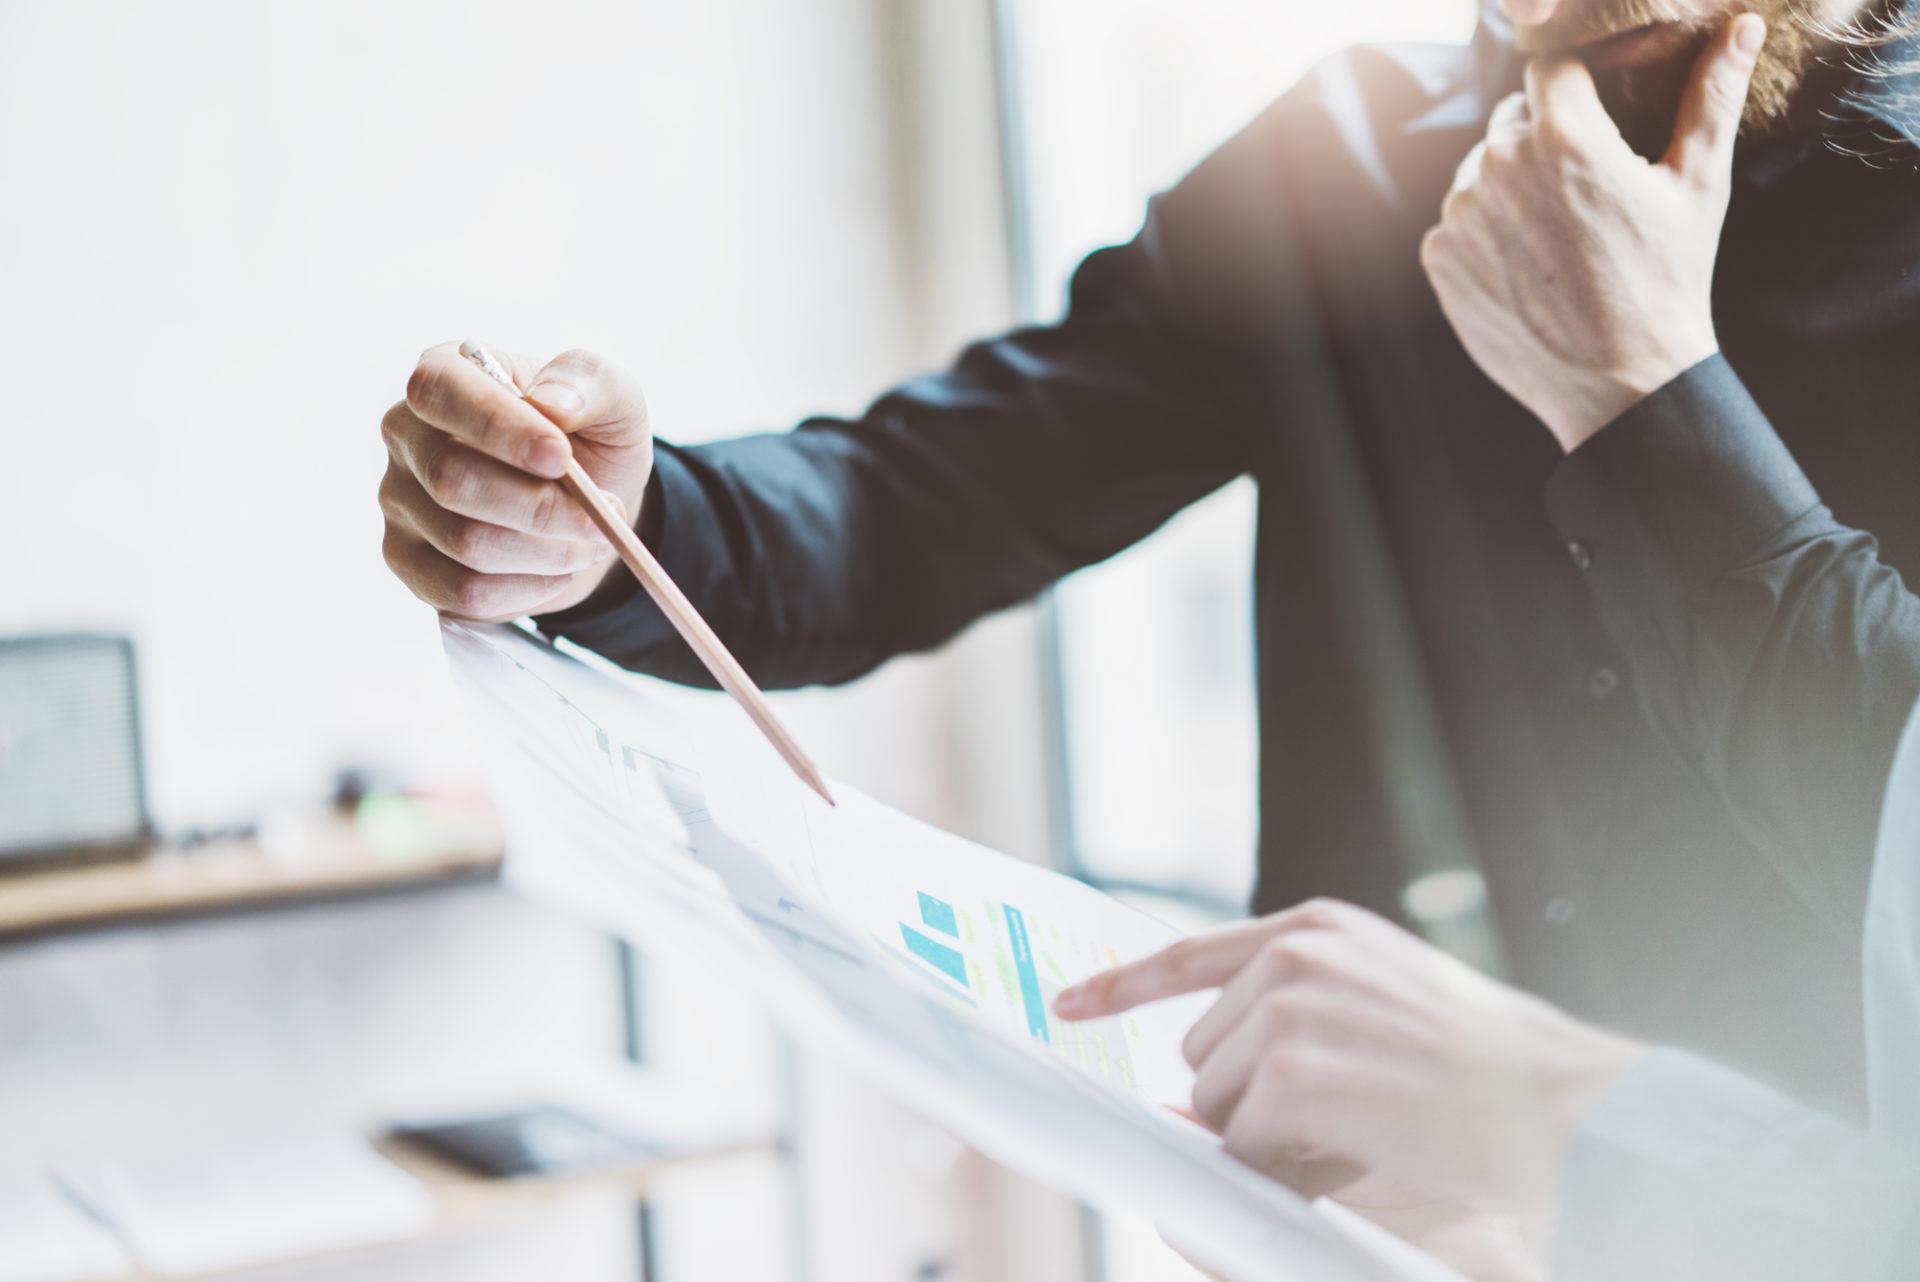 Ein Consultant bespricht mit einem Unternehmer einen Geschäftsplan oder Statistik